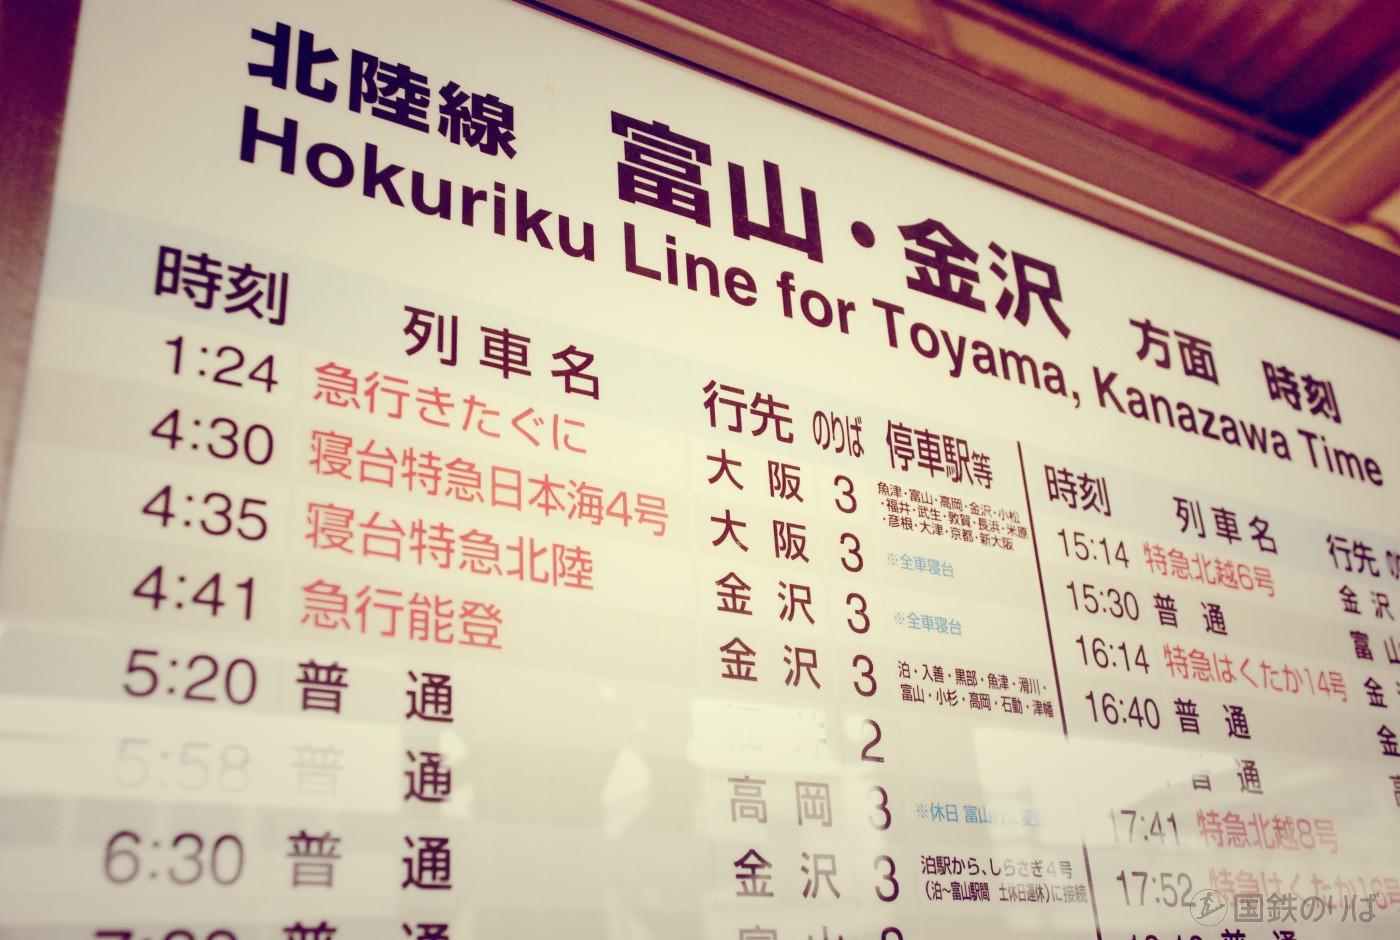 oito-line-kiha52-115-156-17